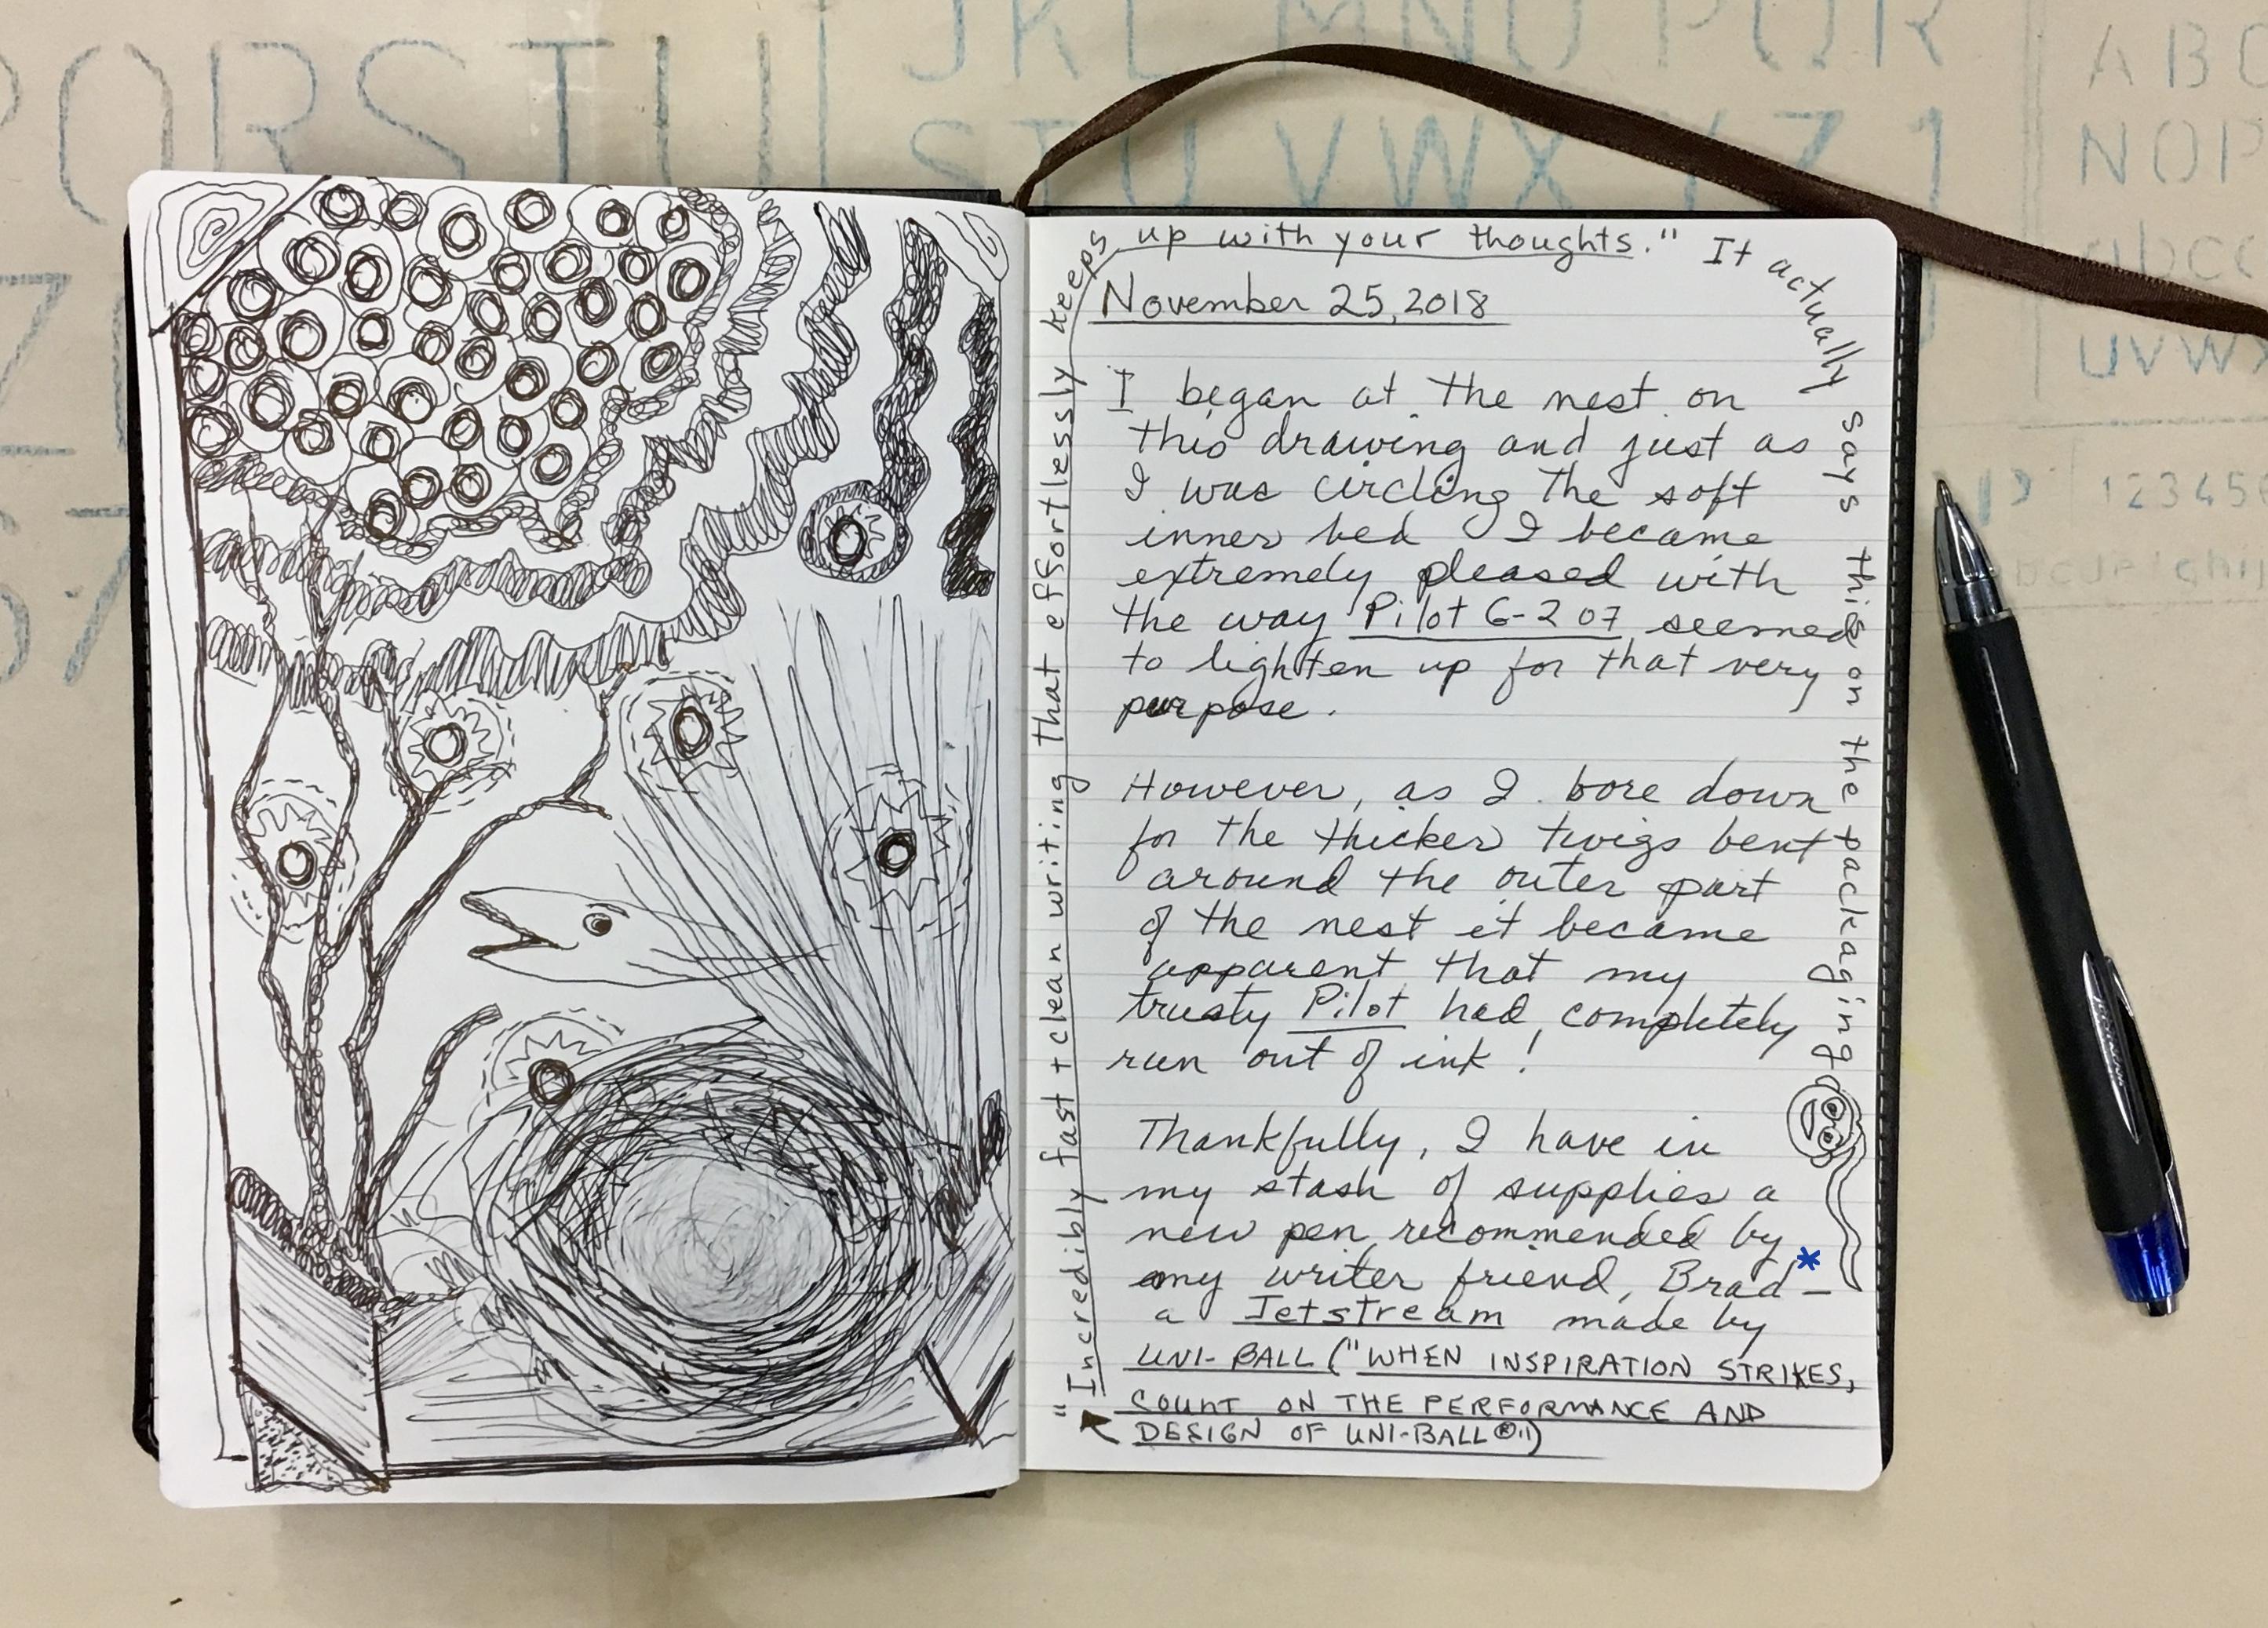 11-25 drawing